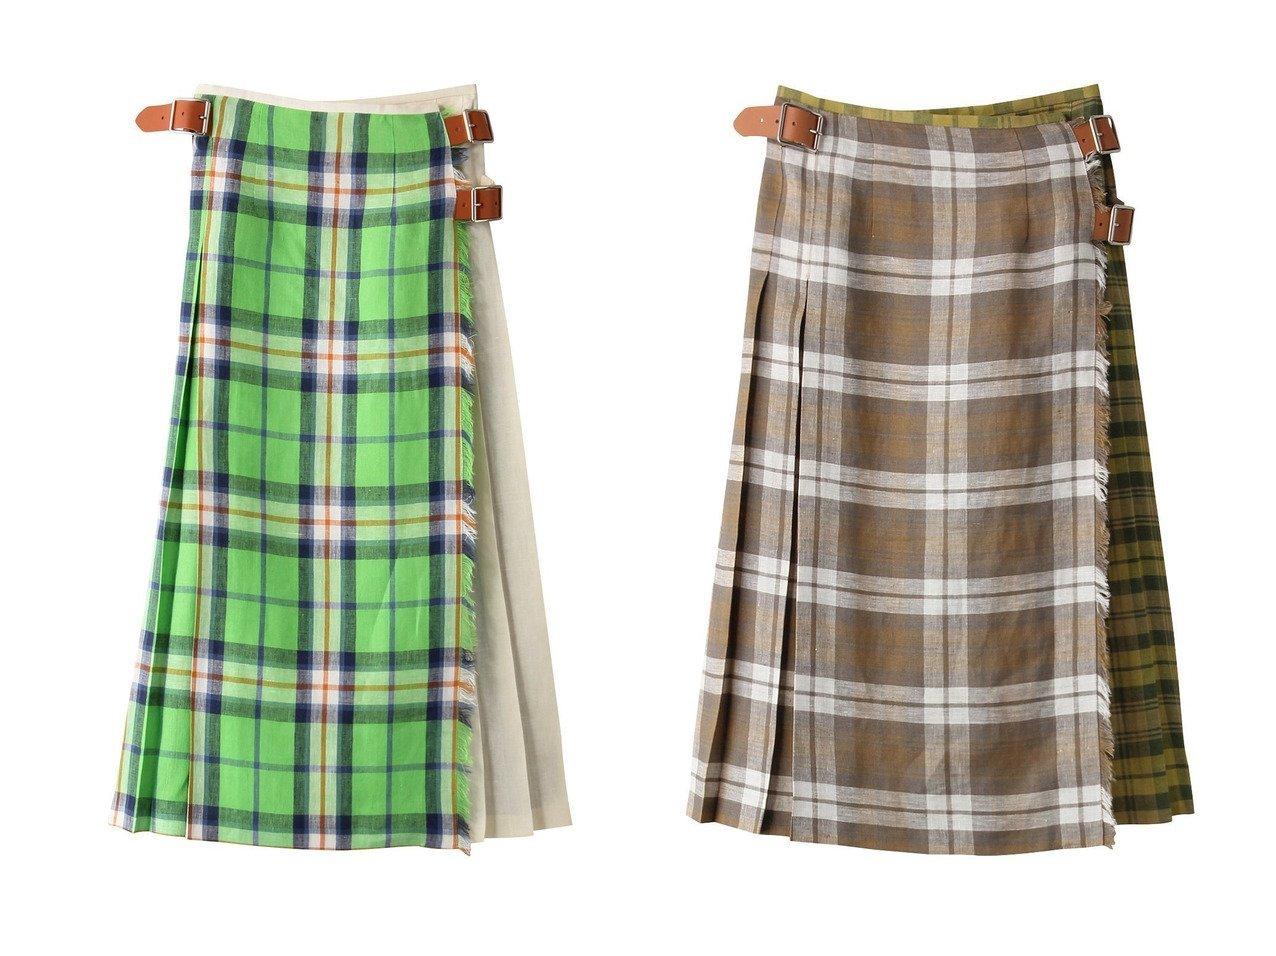 【heliopole/エリオポール】の【ONEIL OF DUBLIN】ロング丈スカート&【ONEIL OF DUBLIN】ひざ丈スカート 【スカート】おすすめ!人気、トレンド・レディースファッションの通販   おすすめで人気の流行・トレンド、ファッションの通販商品 メンズファッション・キッズファッション・インテリア・家具・レディースファッション・服の通販 founy(ファニー) https://founy.com/ ファッション Fashion レディースファッション WOMEN スカート Skirt ロングスカート Long Skirt 2021年 2021 2021春夏・S/S SS/Spring/Summer/2021 S/S・春夏 SS・Spring/Summer おすすめ Recommend クラシカル チェック フロント プリーツ ロング 今季 春 Spring |ID:crp329100000026851